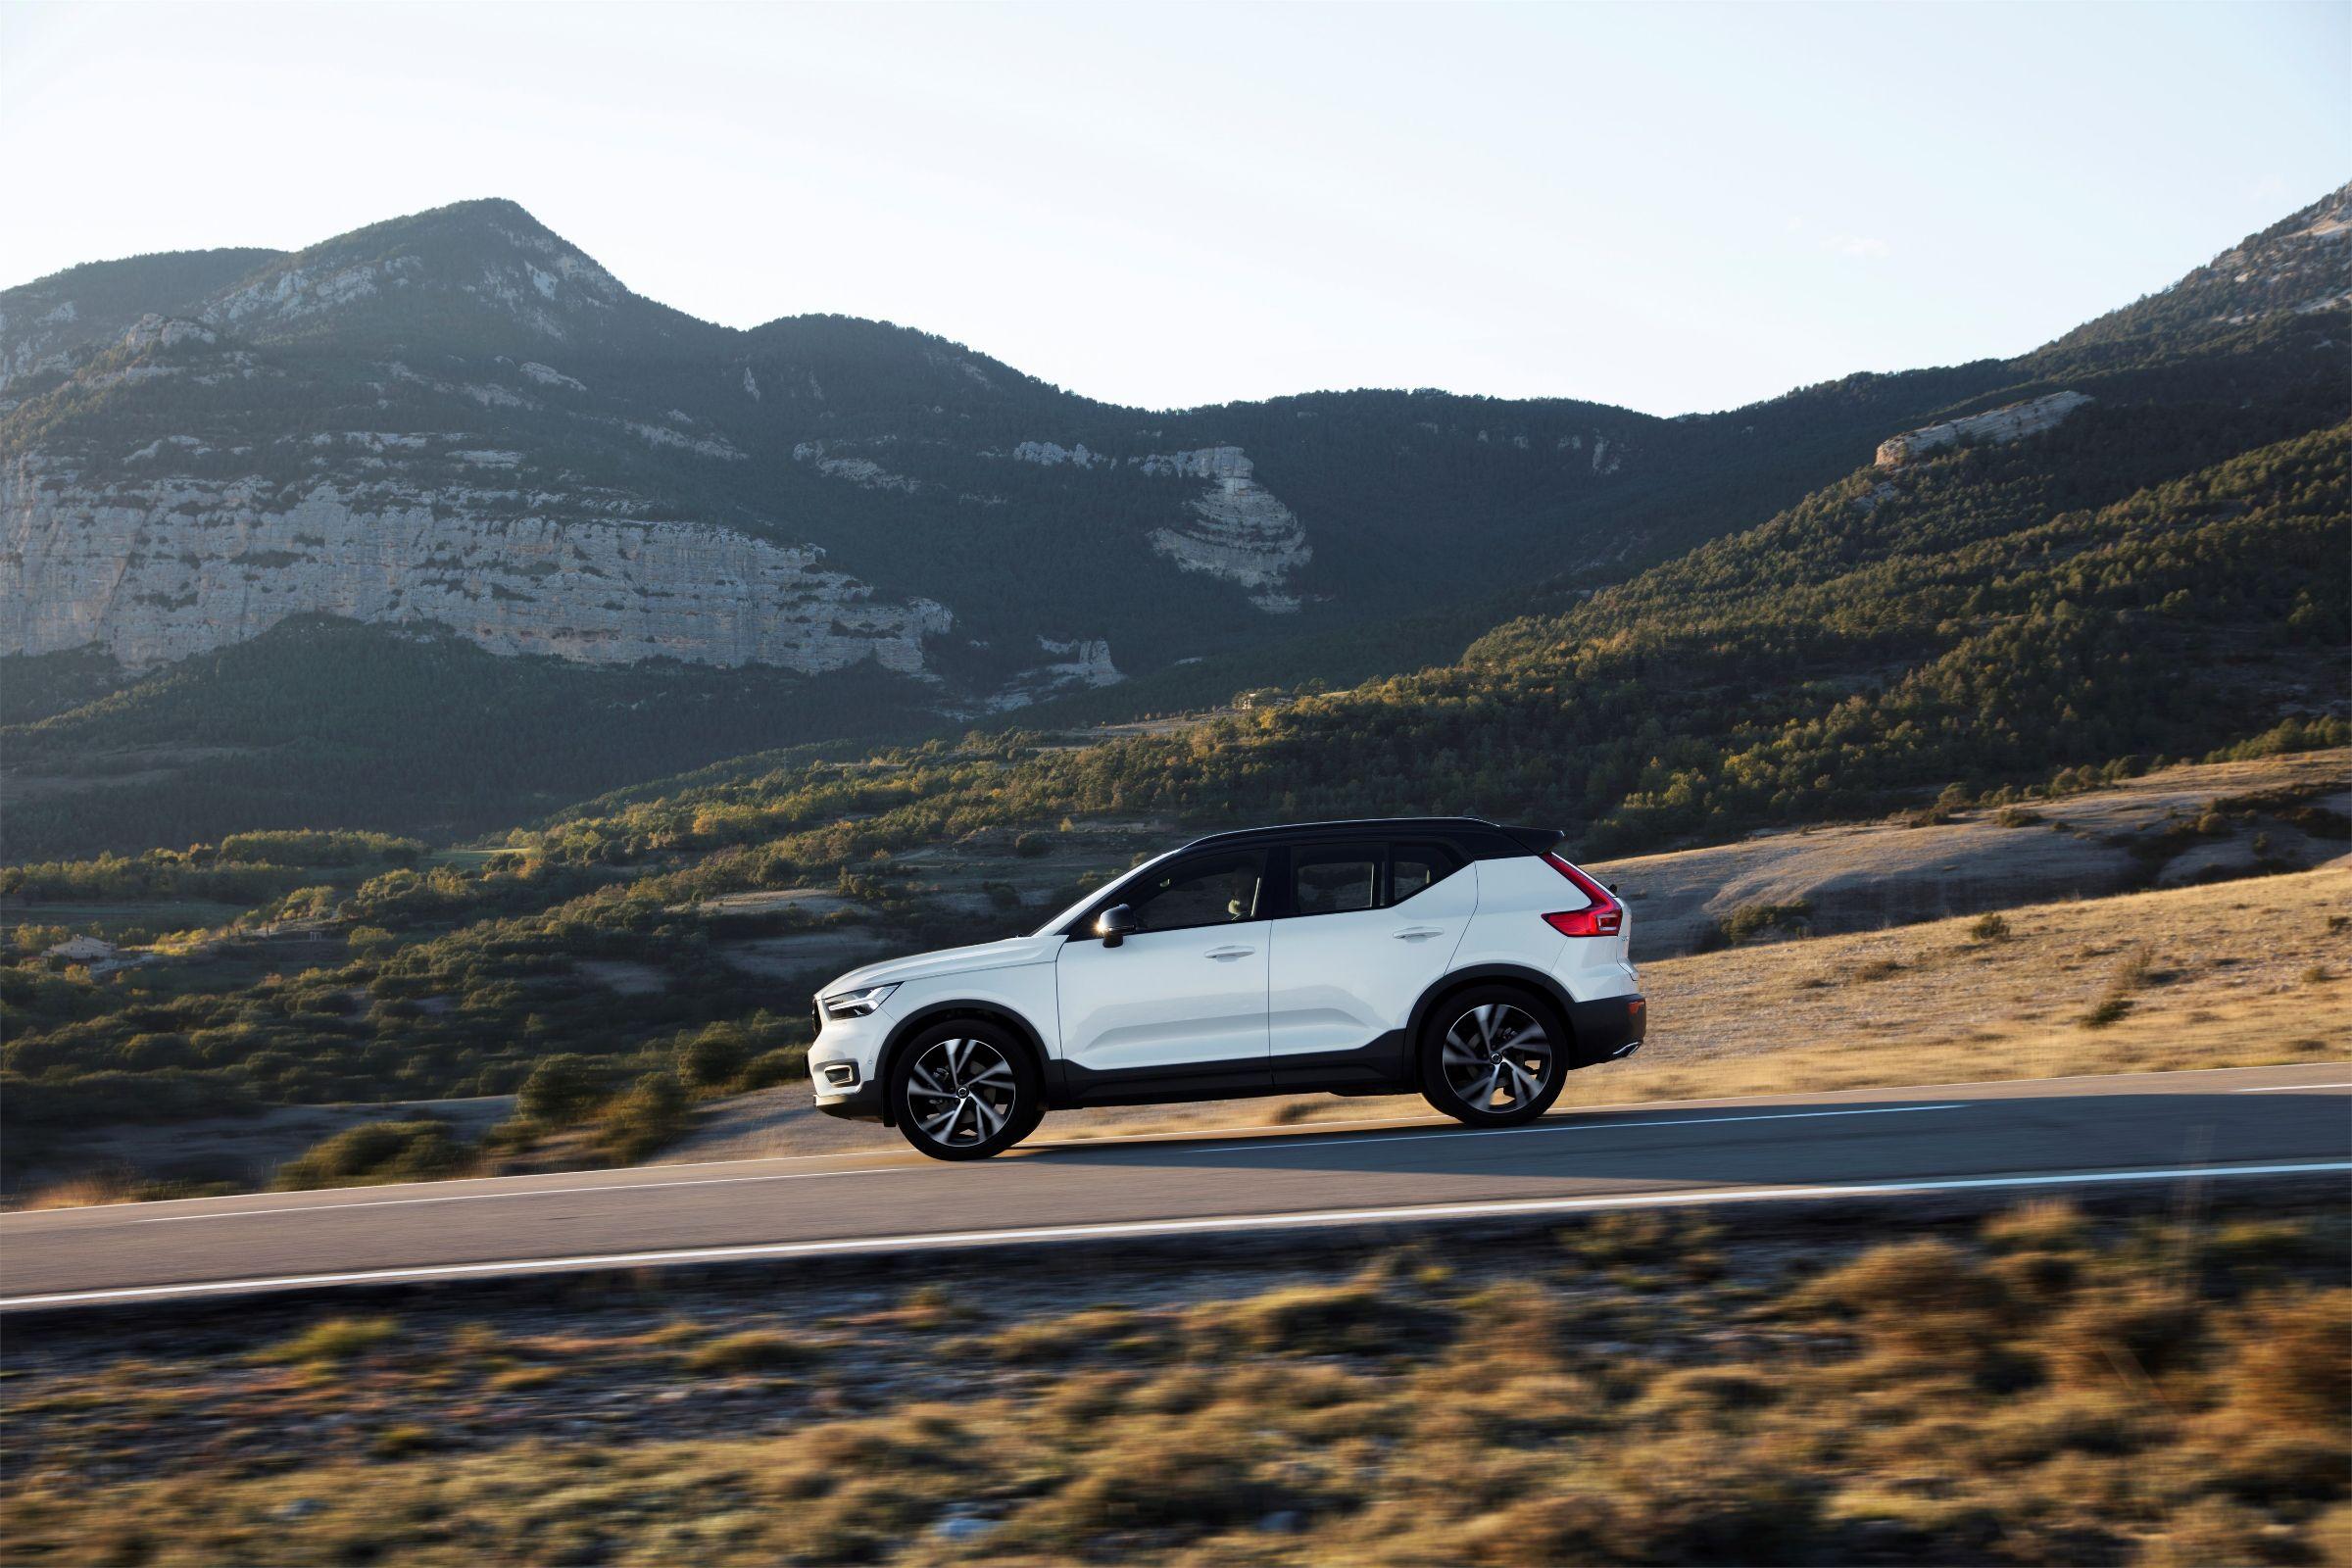 Kia Sportage continua na primeira posição do ranking de carros importados, e Volvo segue fazendo sucesso em um mês que registrou crescimento nas vendas.